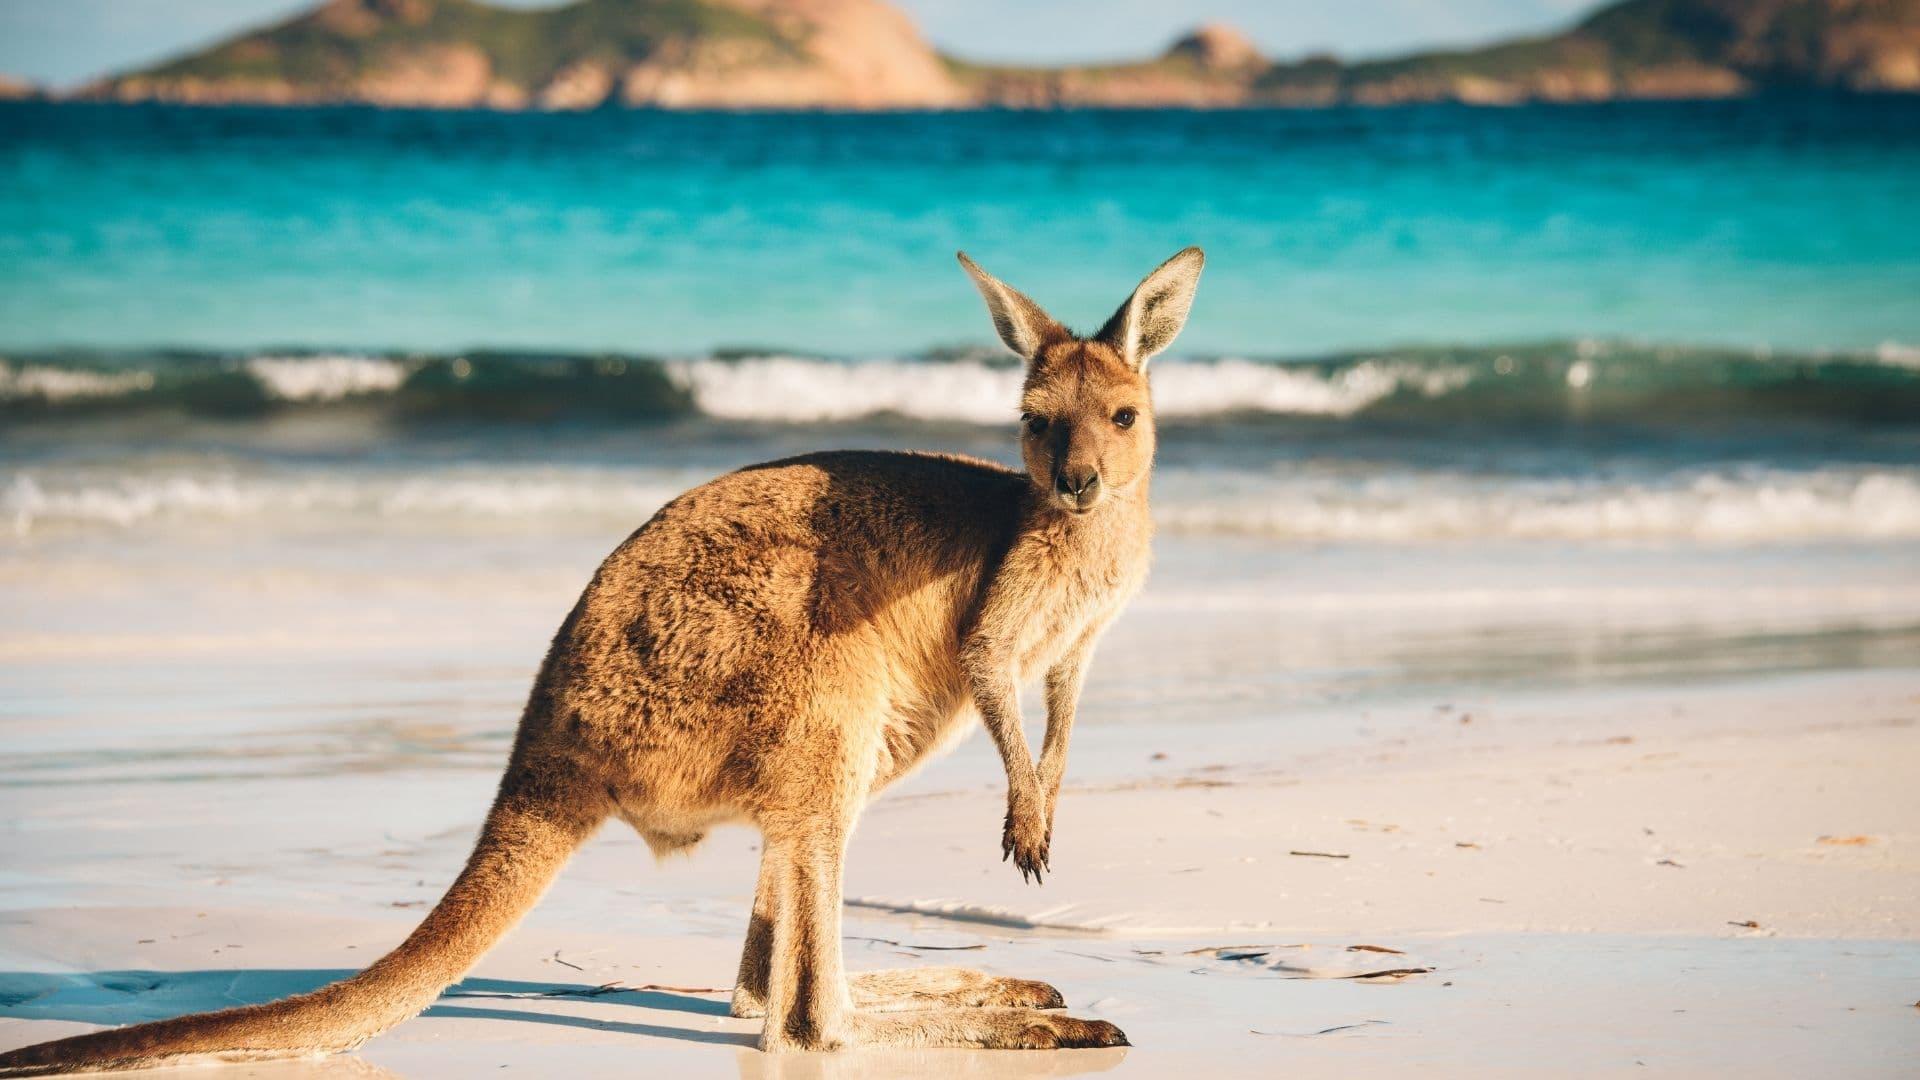 Entre las mejores playas de Asia no podemos olvidar las paradisiacas playas de Australia